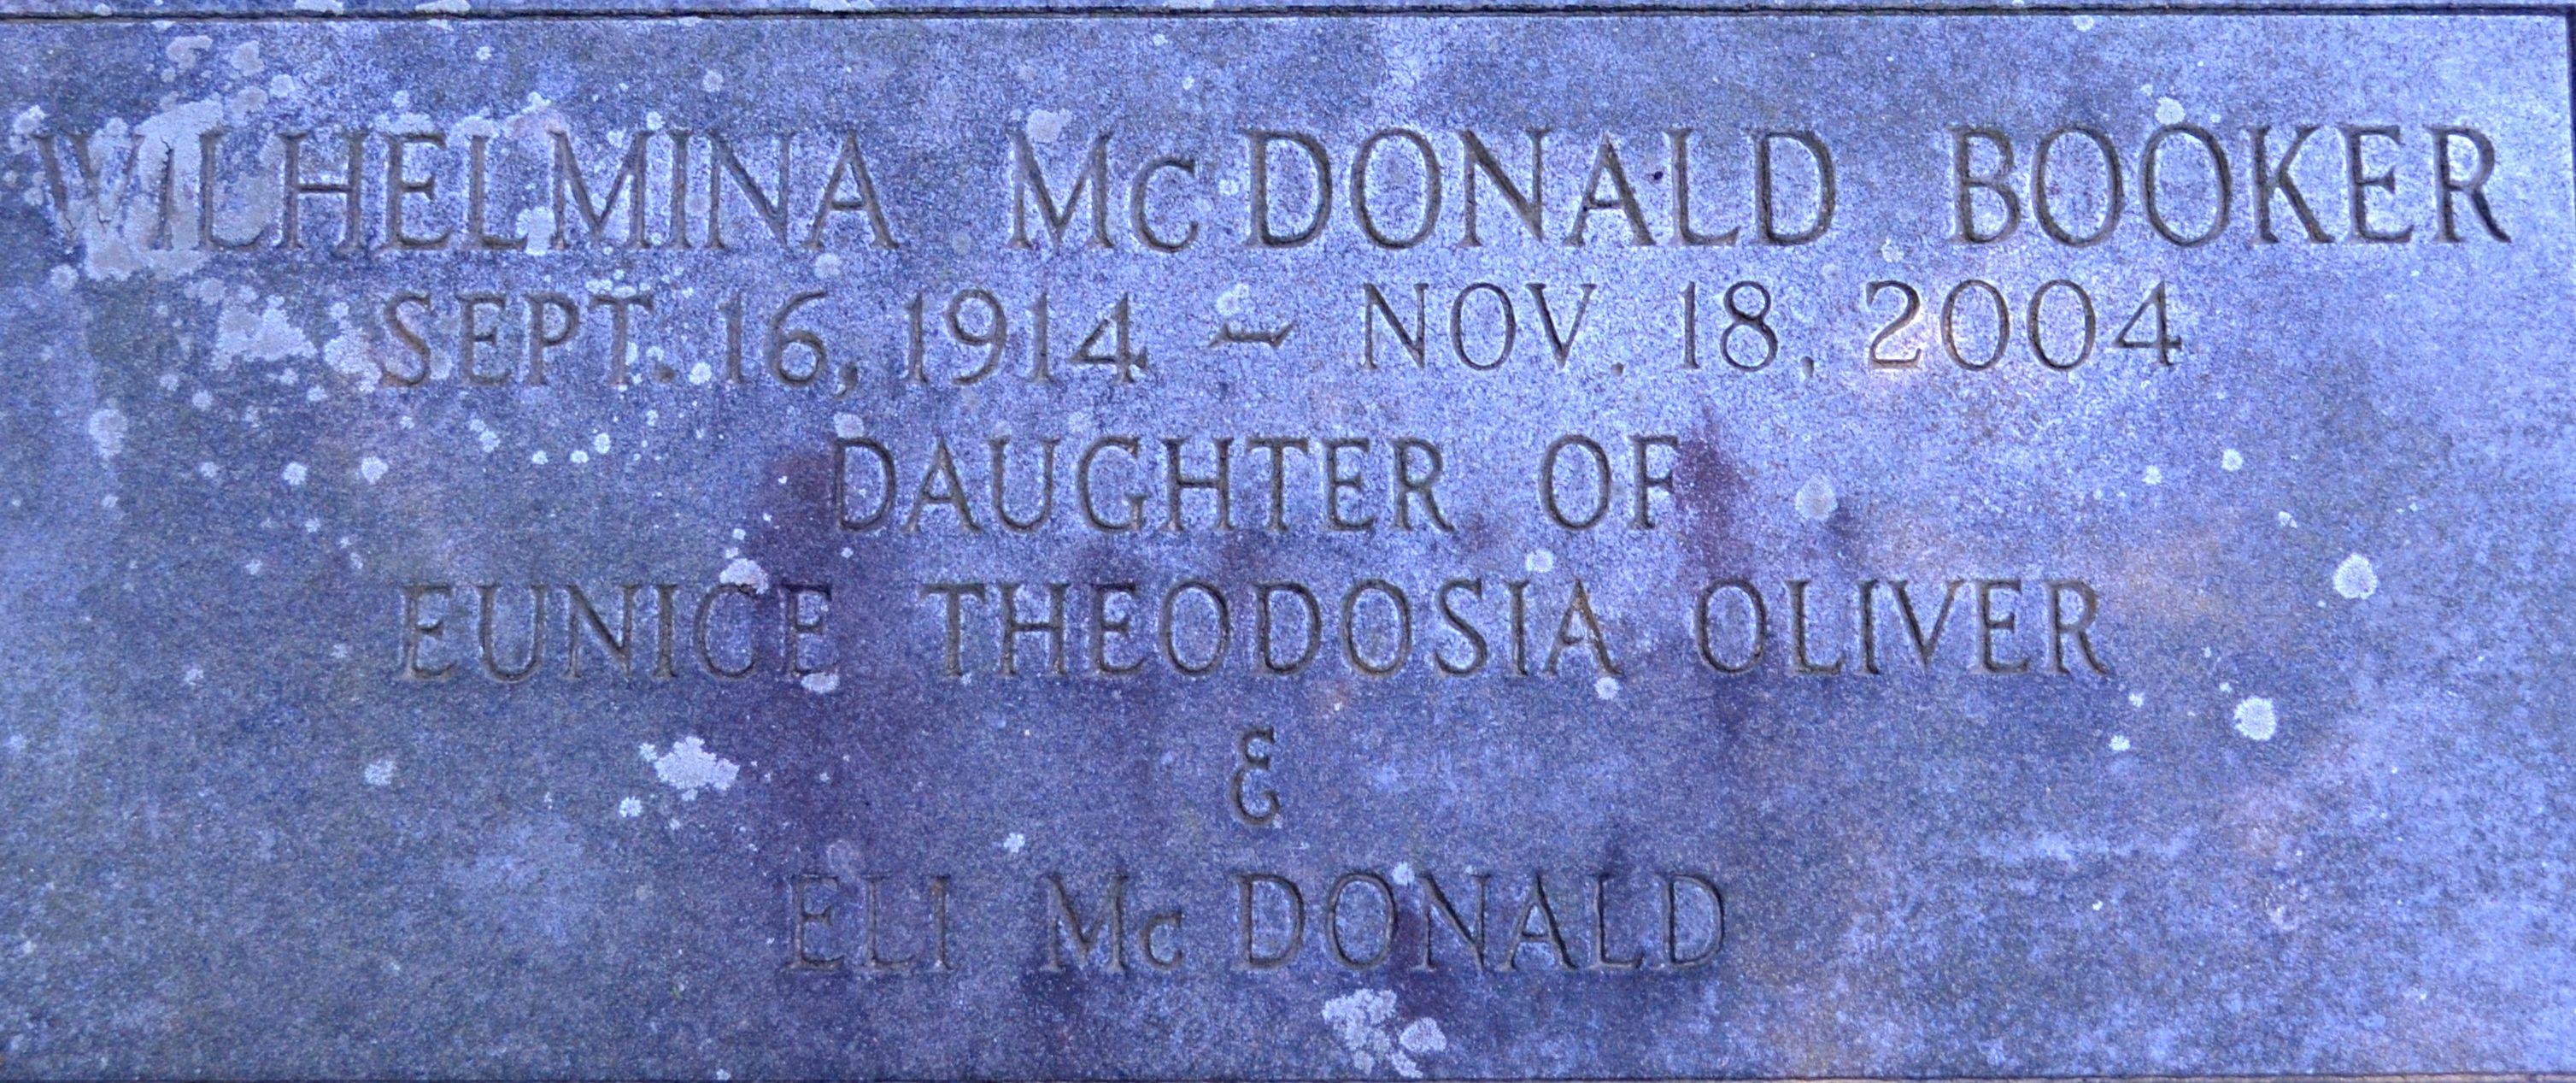 Wilhelmina <i>McDonald</i> Booker